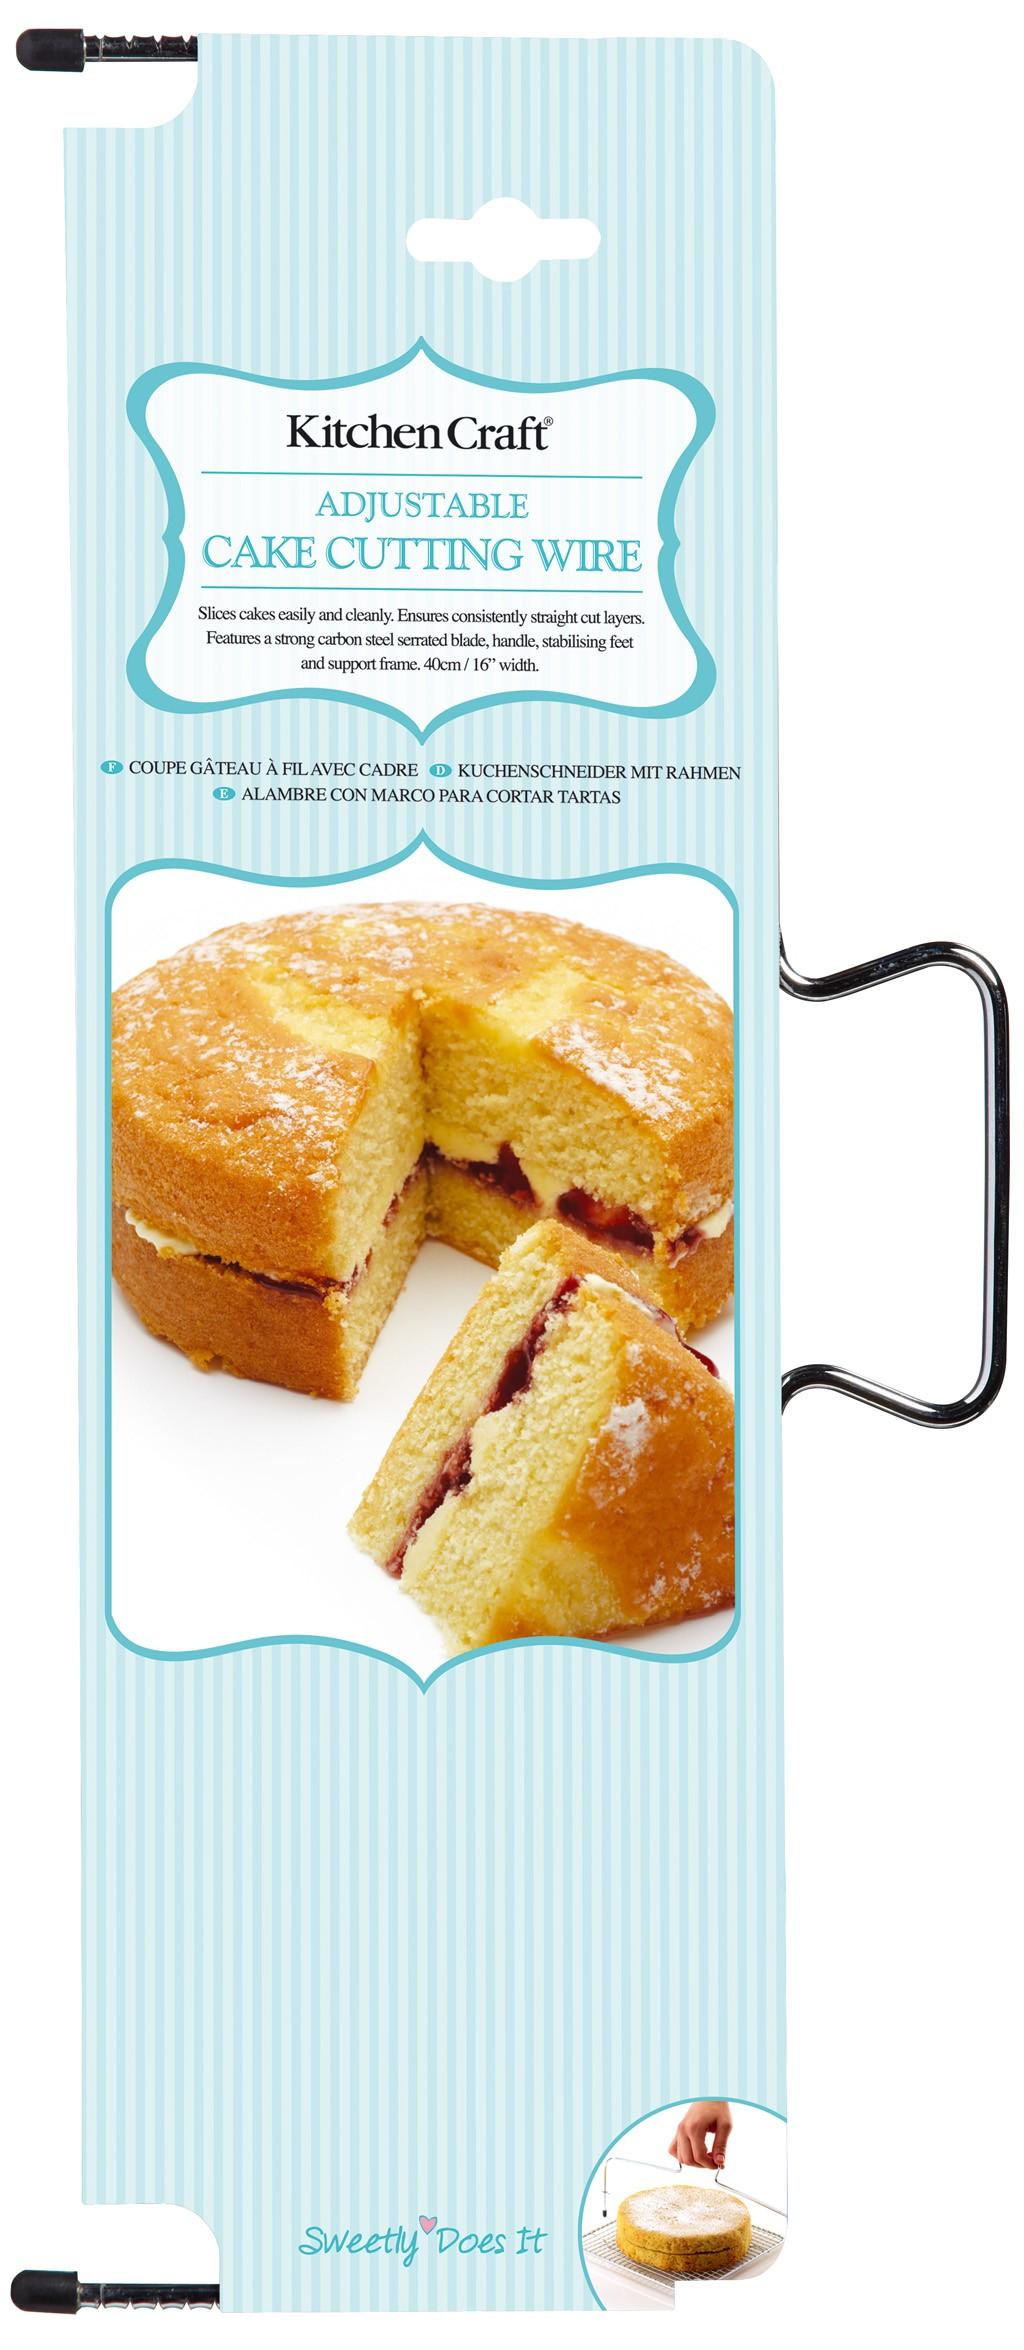 σύρμα κοπής για παντεσπάνι sweetly does it home   ζαχαροπλαστικη   εργαλεία ζαχαροπλαστικής